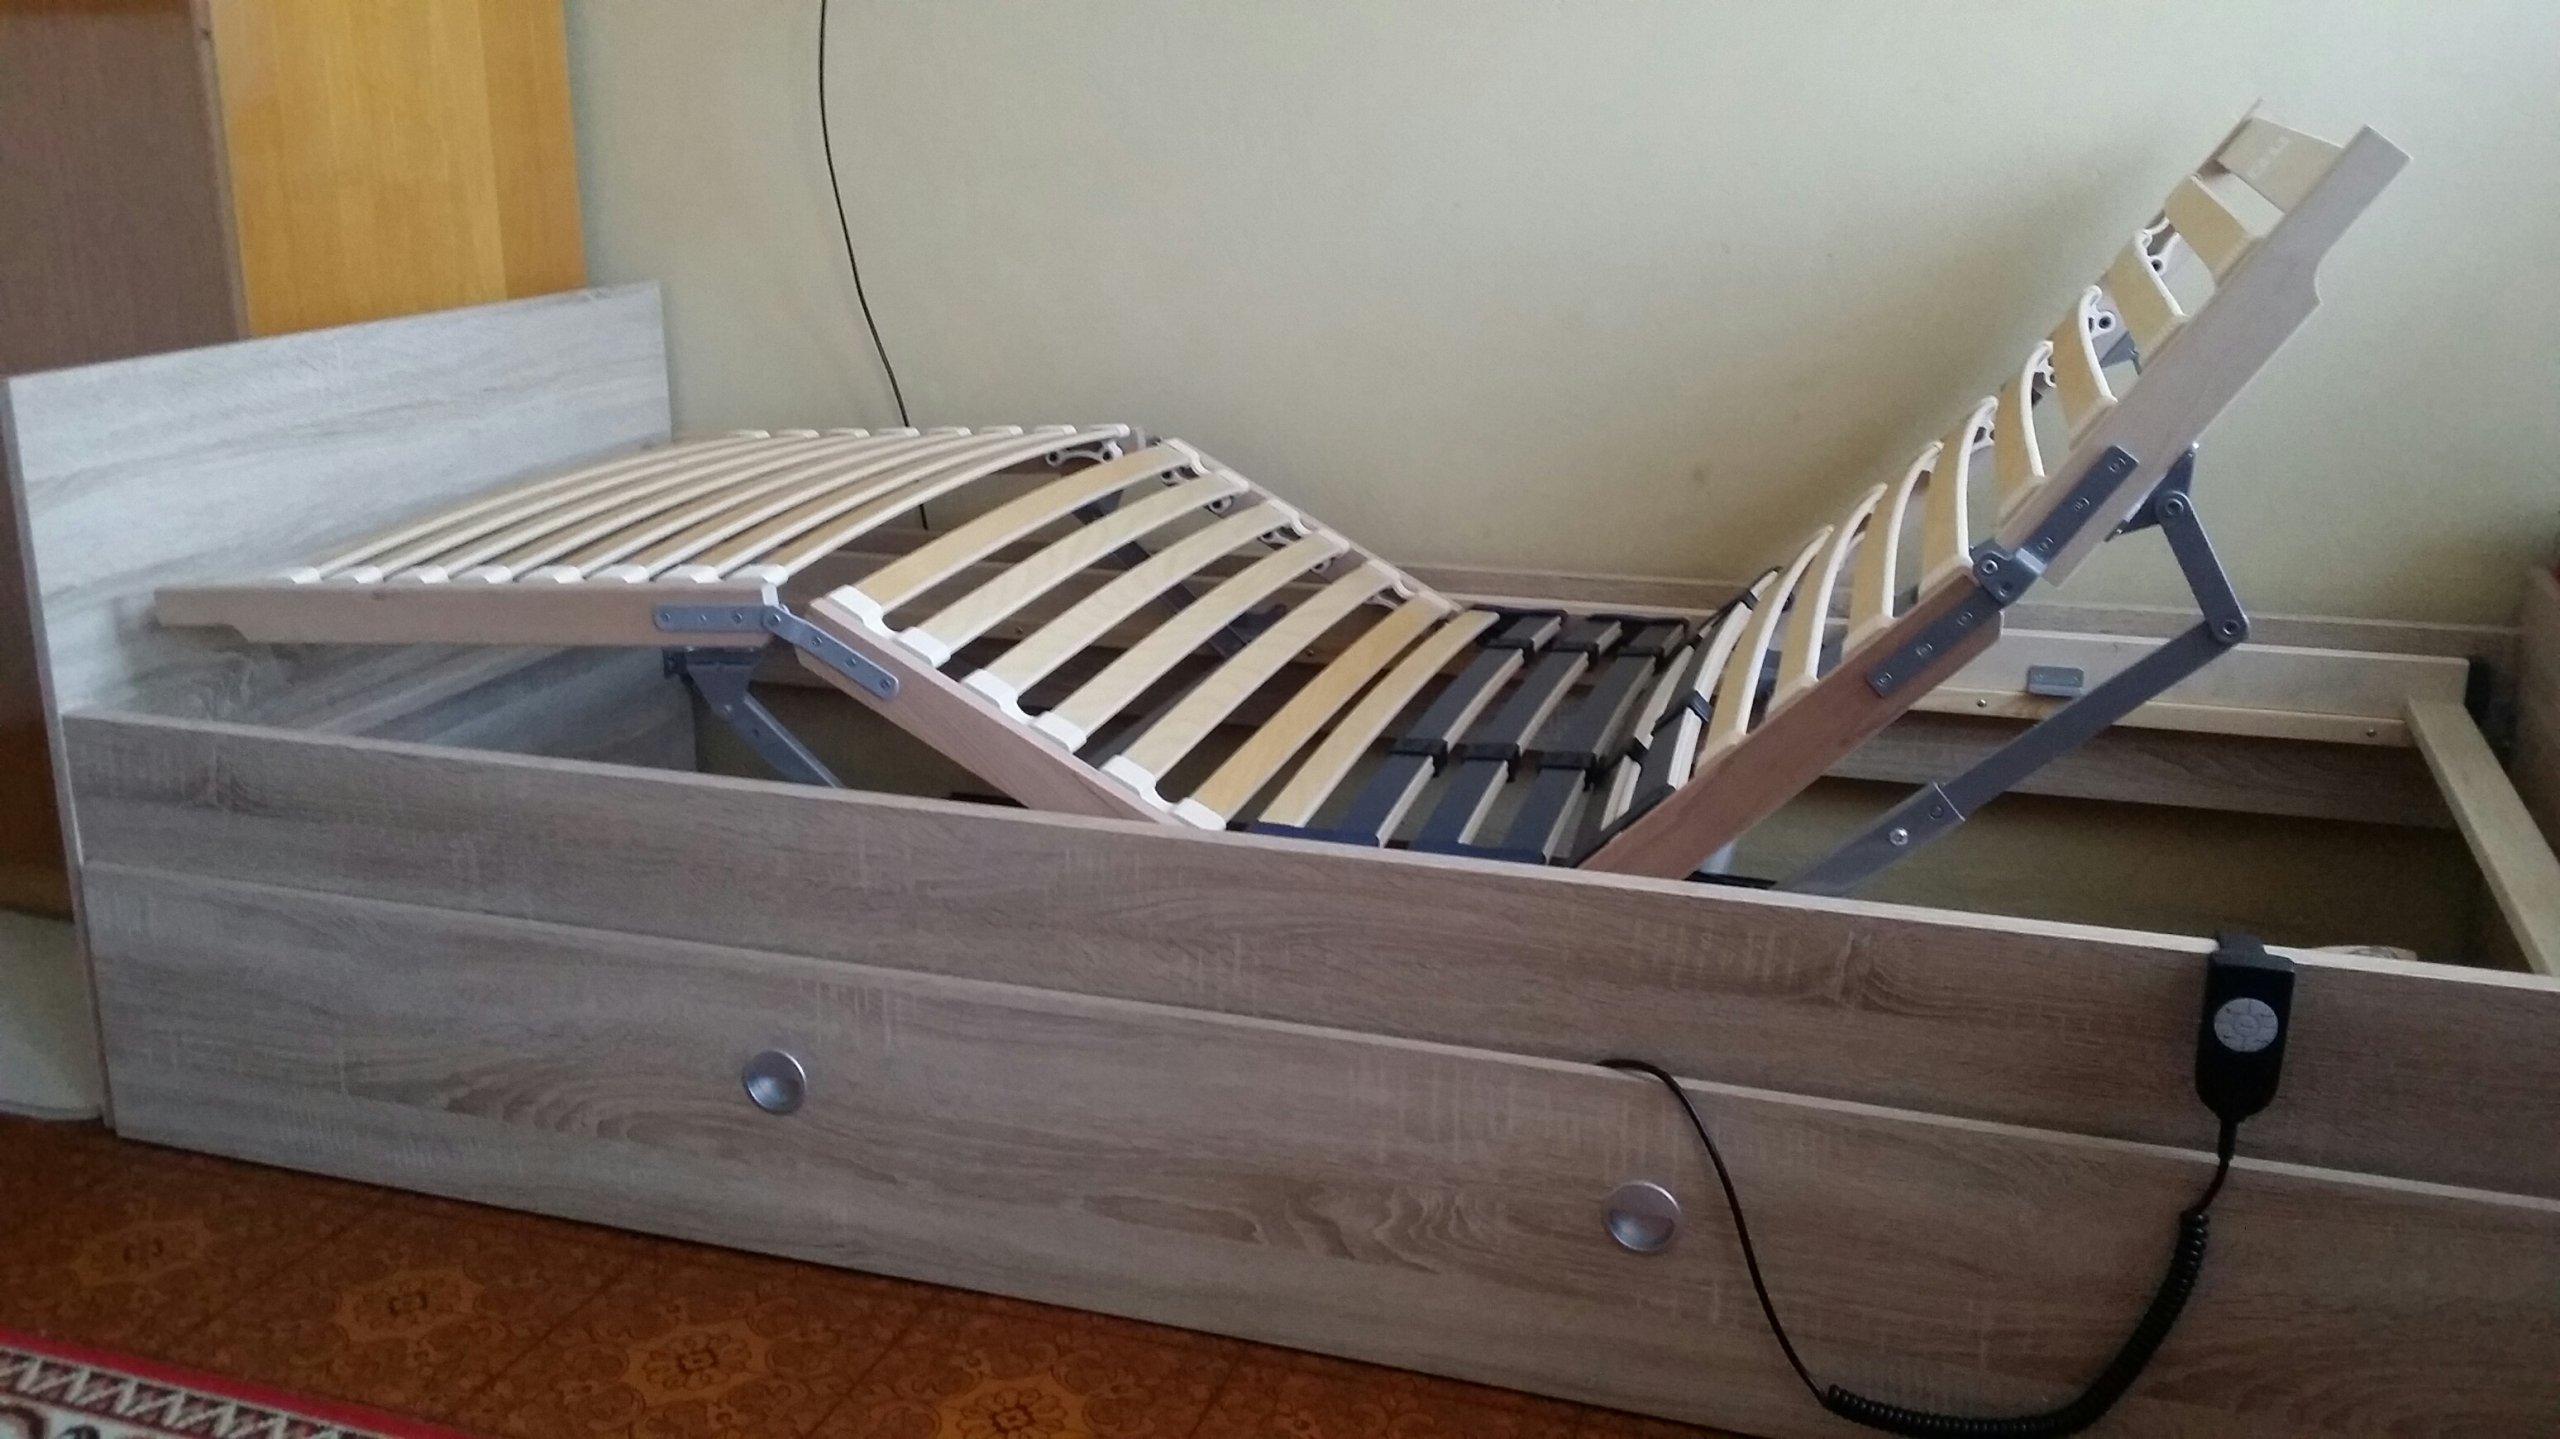 łóżko Rehabilitacyjne Stelaż Elektryczne Materac